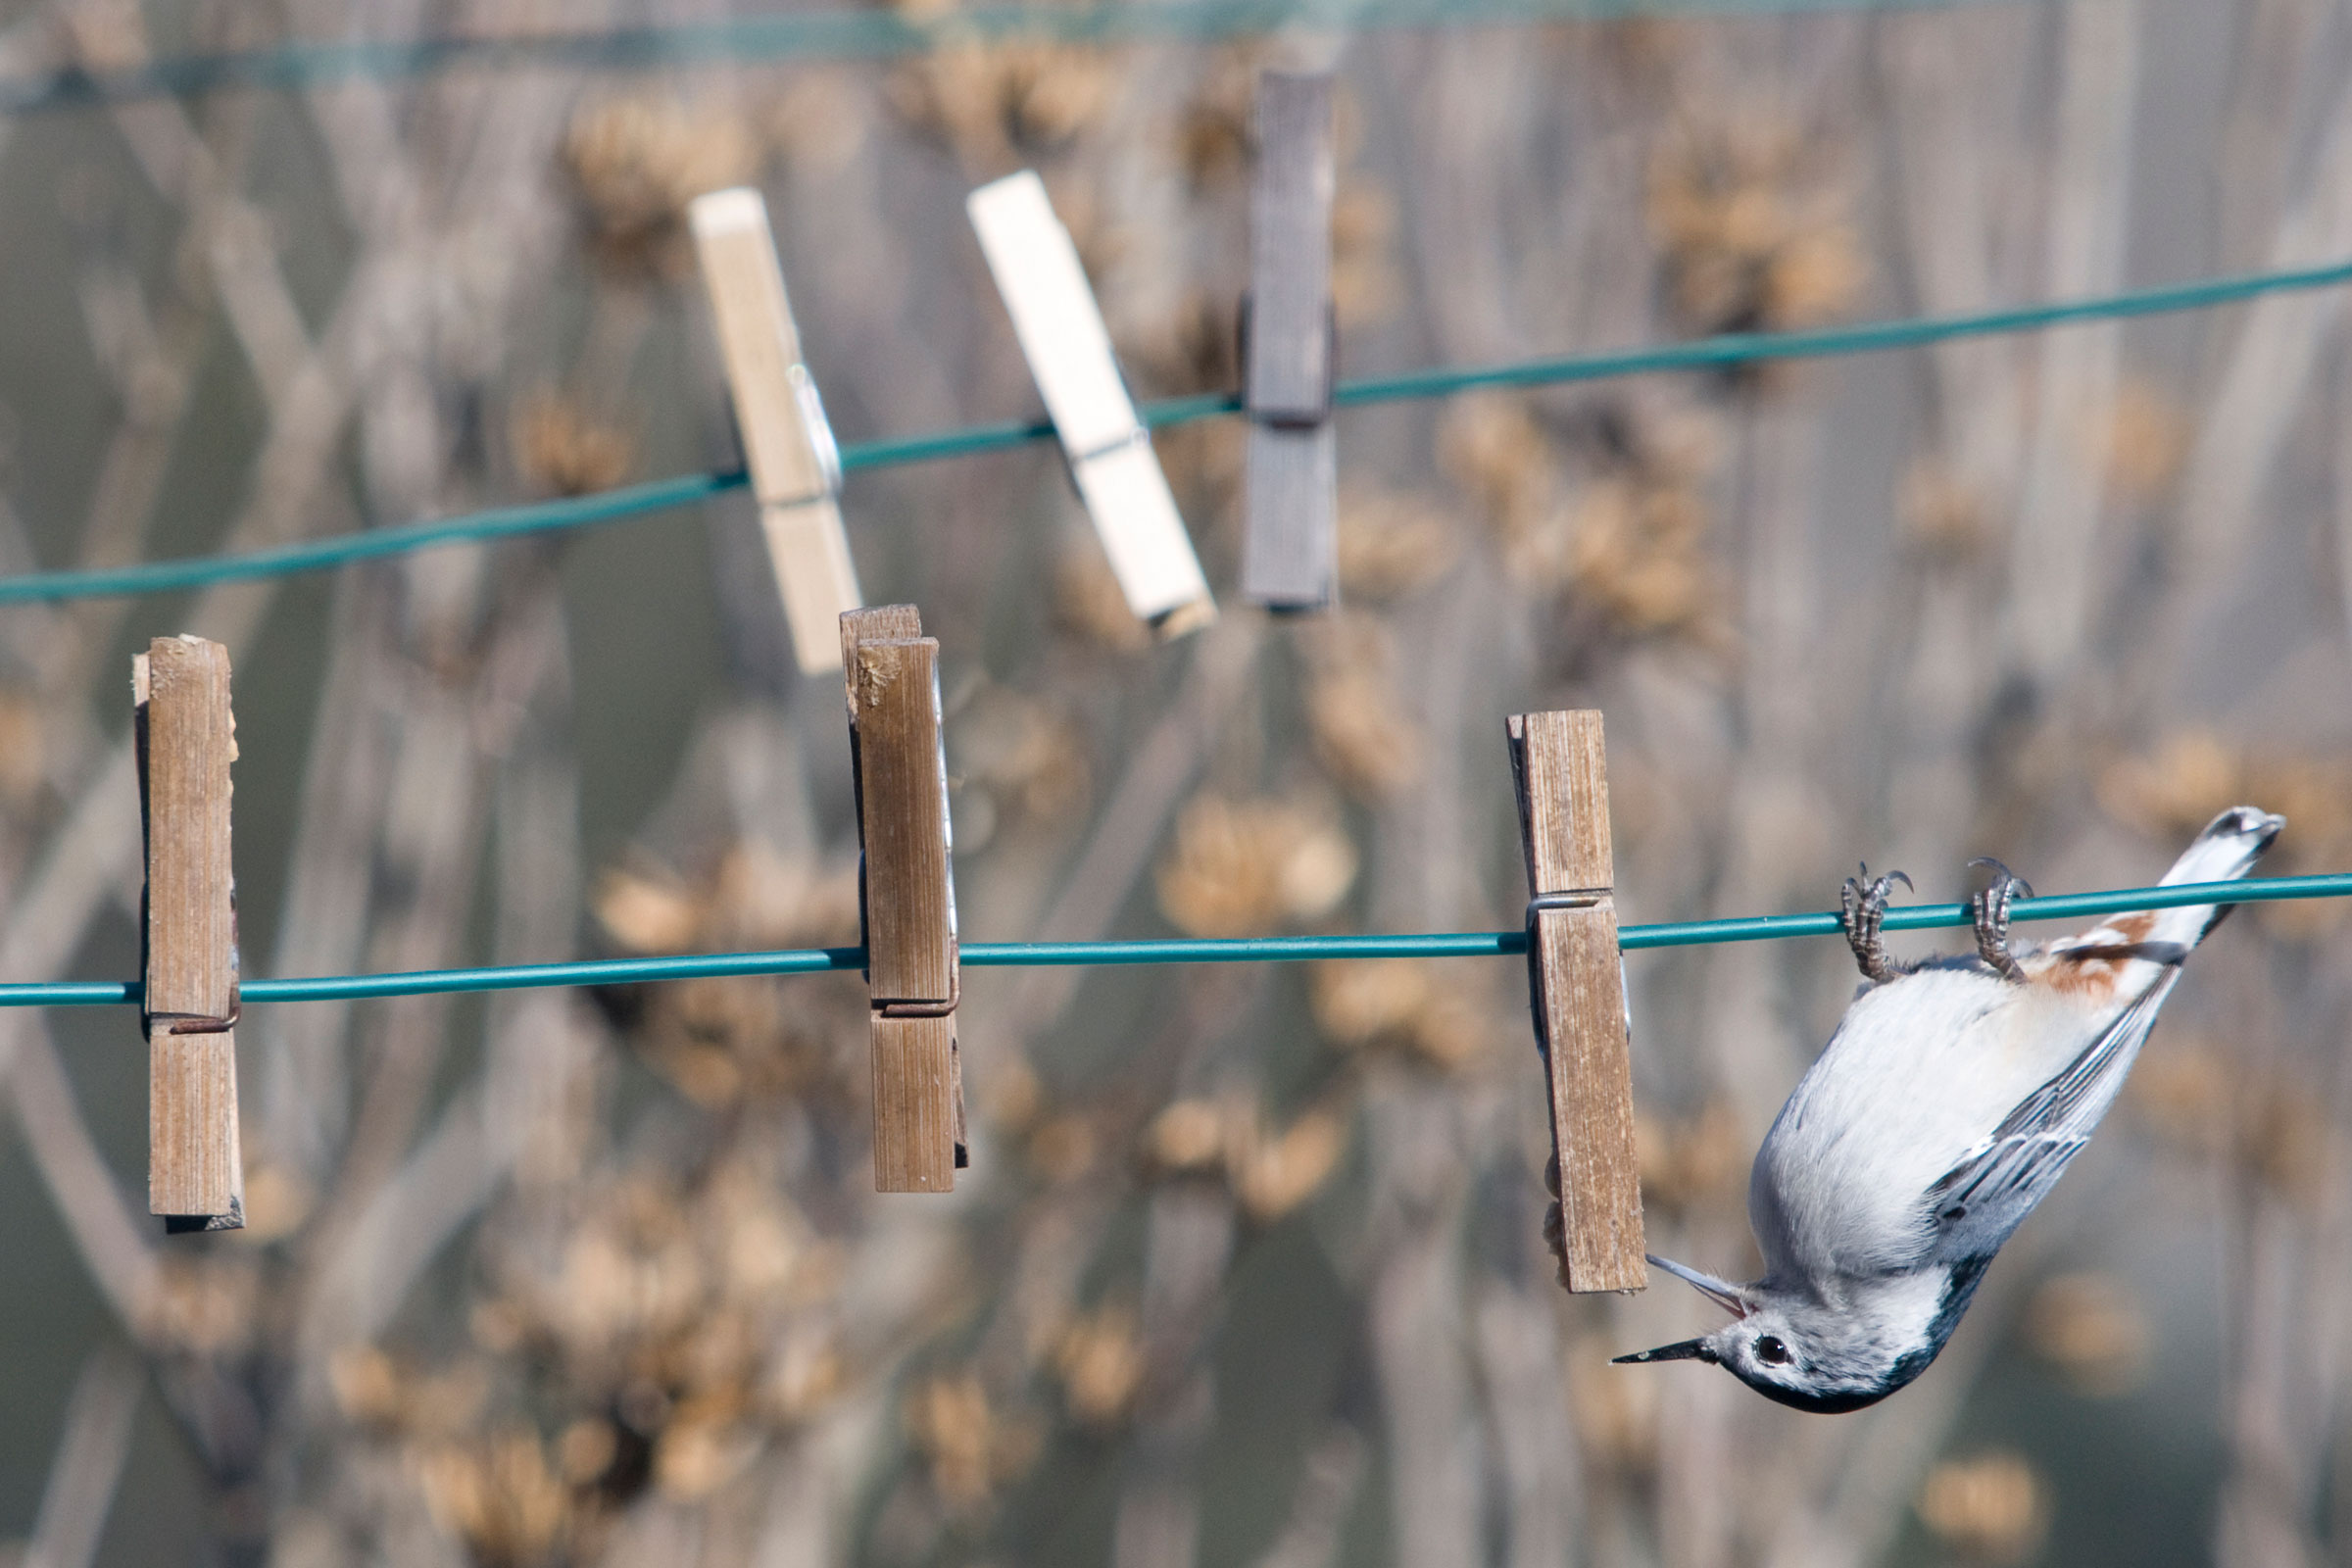 White-breasted Nuthatch. Michele Black/Audubon Photography Awards